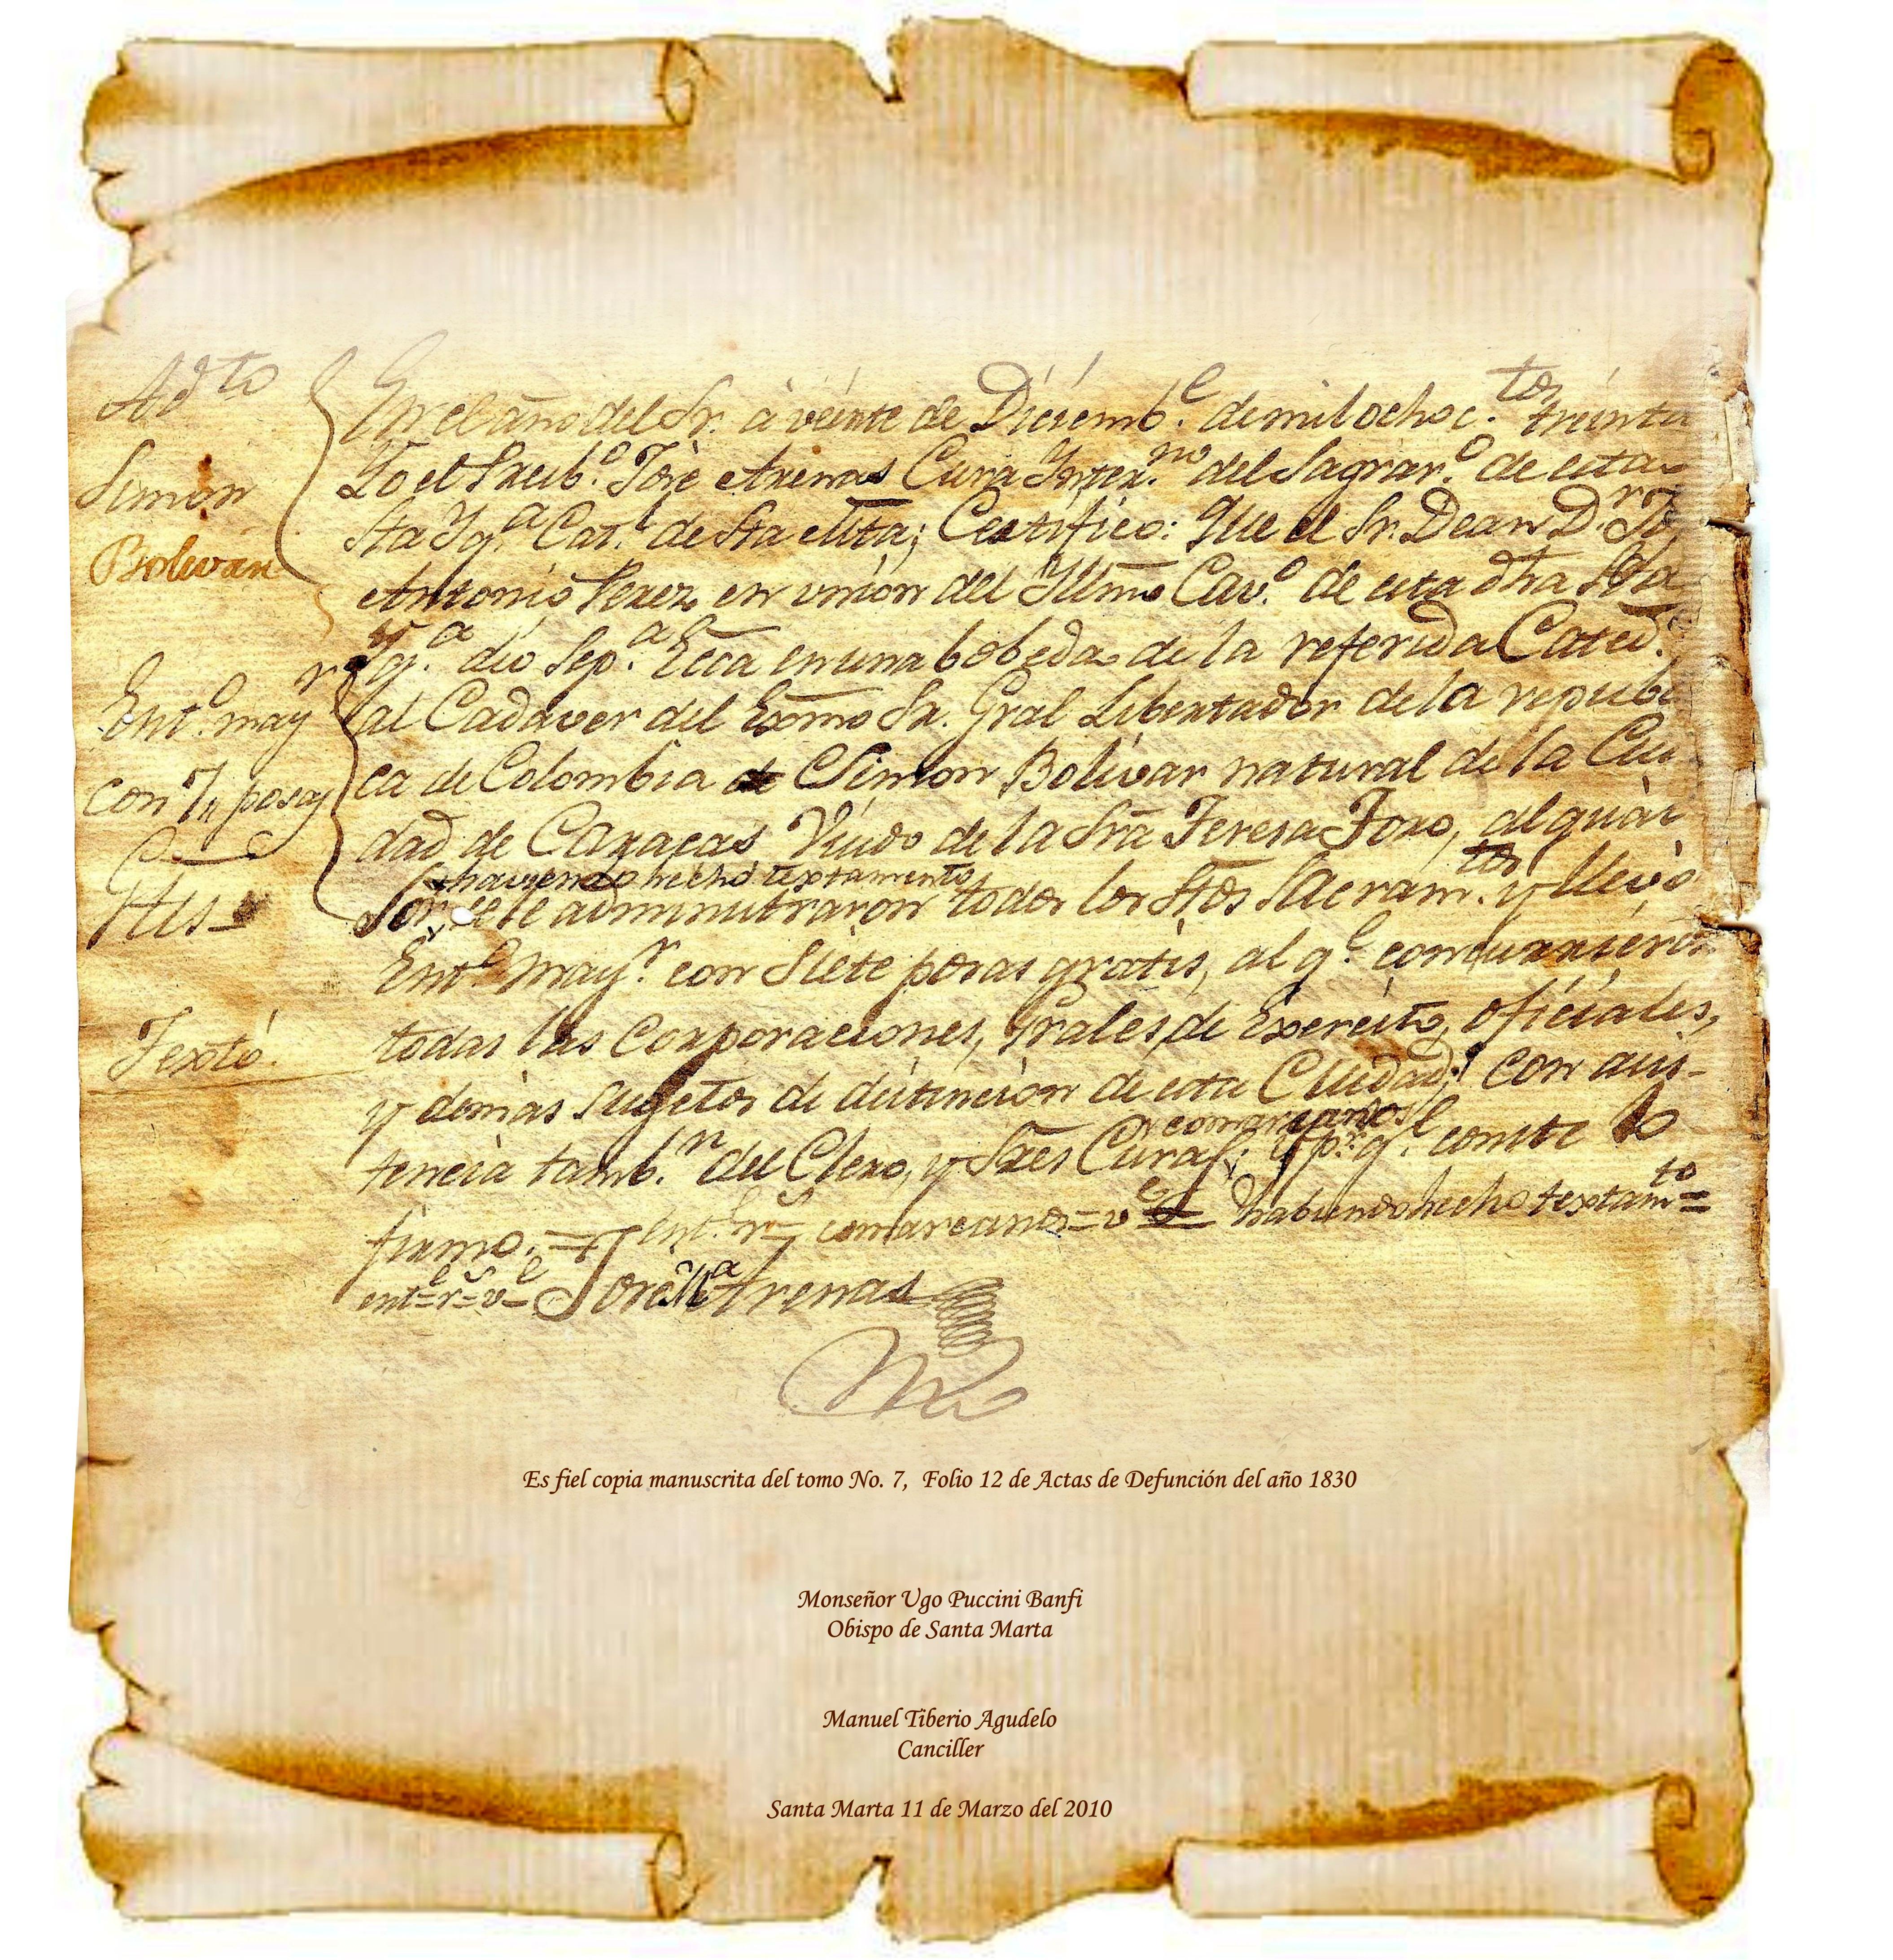 an introduction to the life of simon jose antonio de la santisima trinidad bolivar Simon jose antonio de la santissima trinidad bolivar y palacios (247 1783 - 1712 1830) je južnoamerički vojskovođa, državnik i revolucionar bolivar je rođen u venezueli, u španskoj aristokratskoj familijinakon napoloenove invazije španije bolivar se priključio lokalnim huntama koje su to nastojale iskoristiti da proglase nezavisnost od matice zemlje.